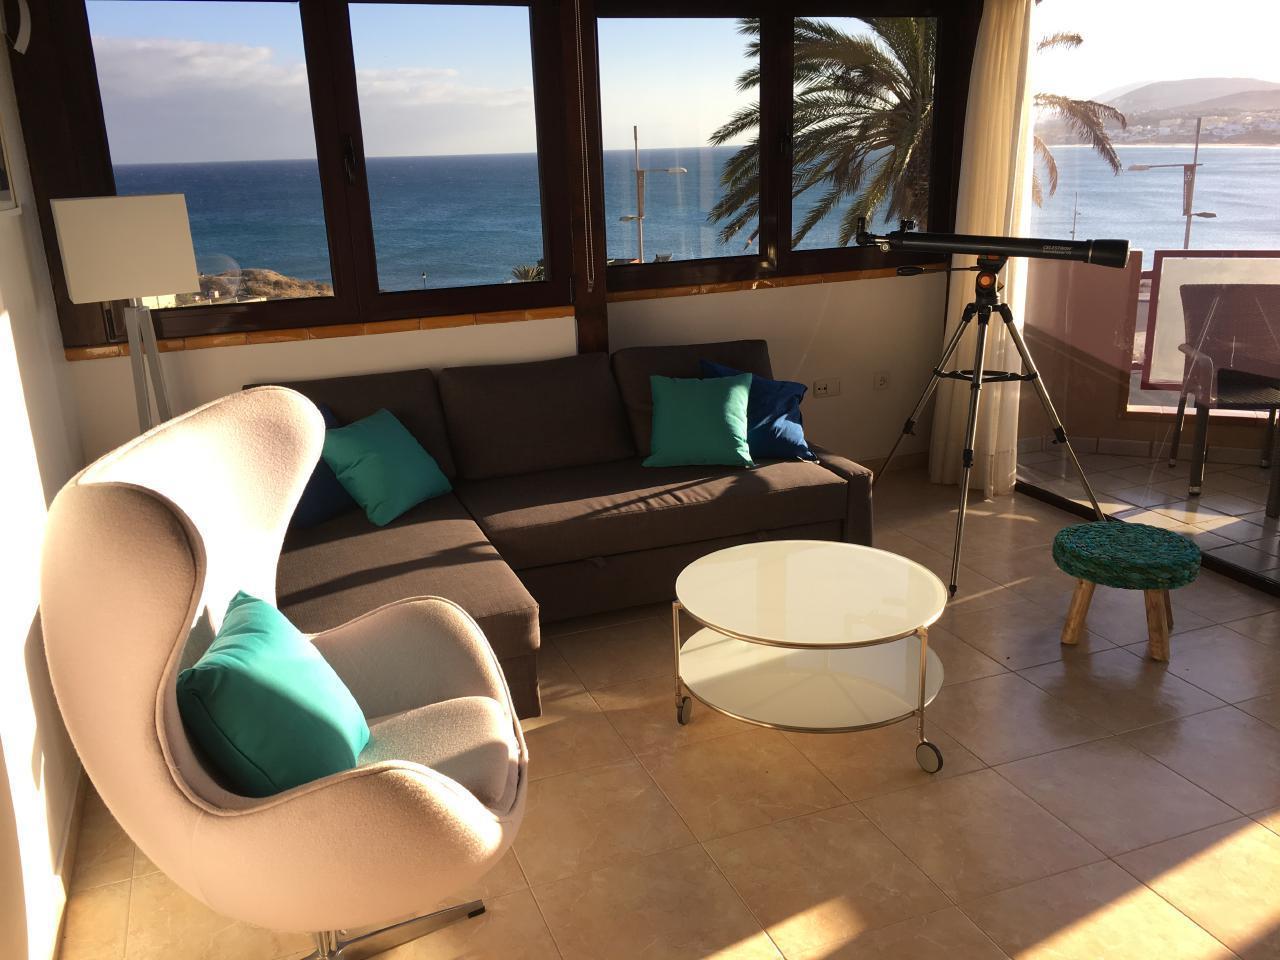 Ferienwohnung PANORAMA - Ausblick auf den Ocean! FREE WiFi (1850823), Costa Calma, Fuerteventura, Kanarische Inseln, Spanien, Bild 2